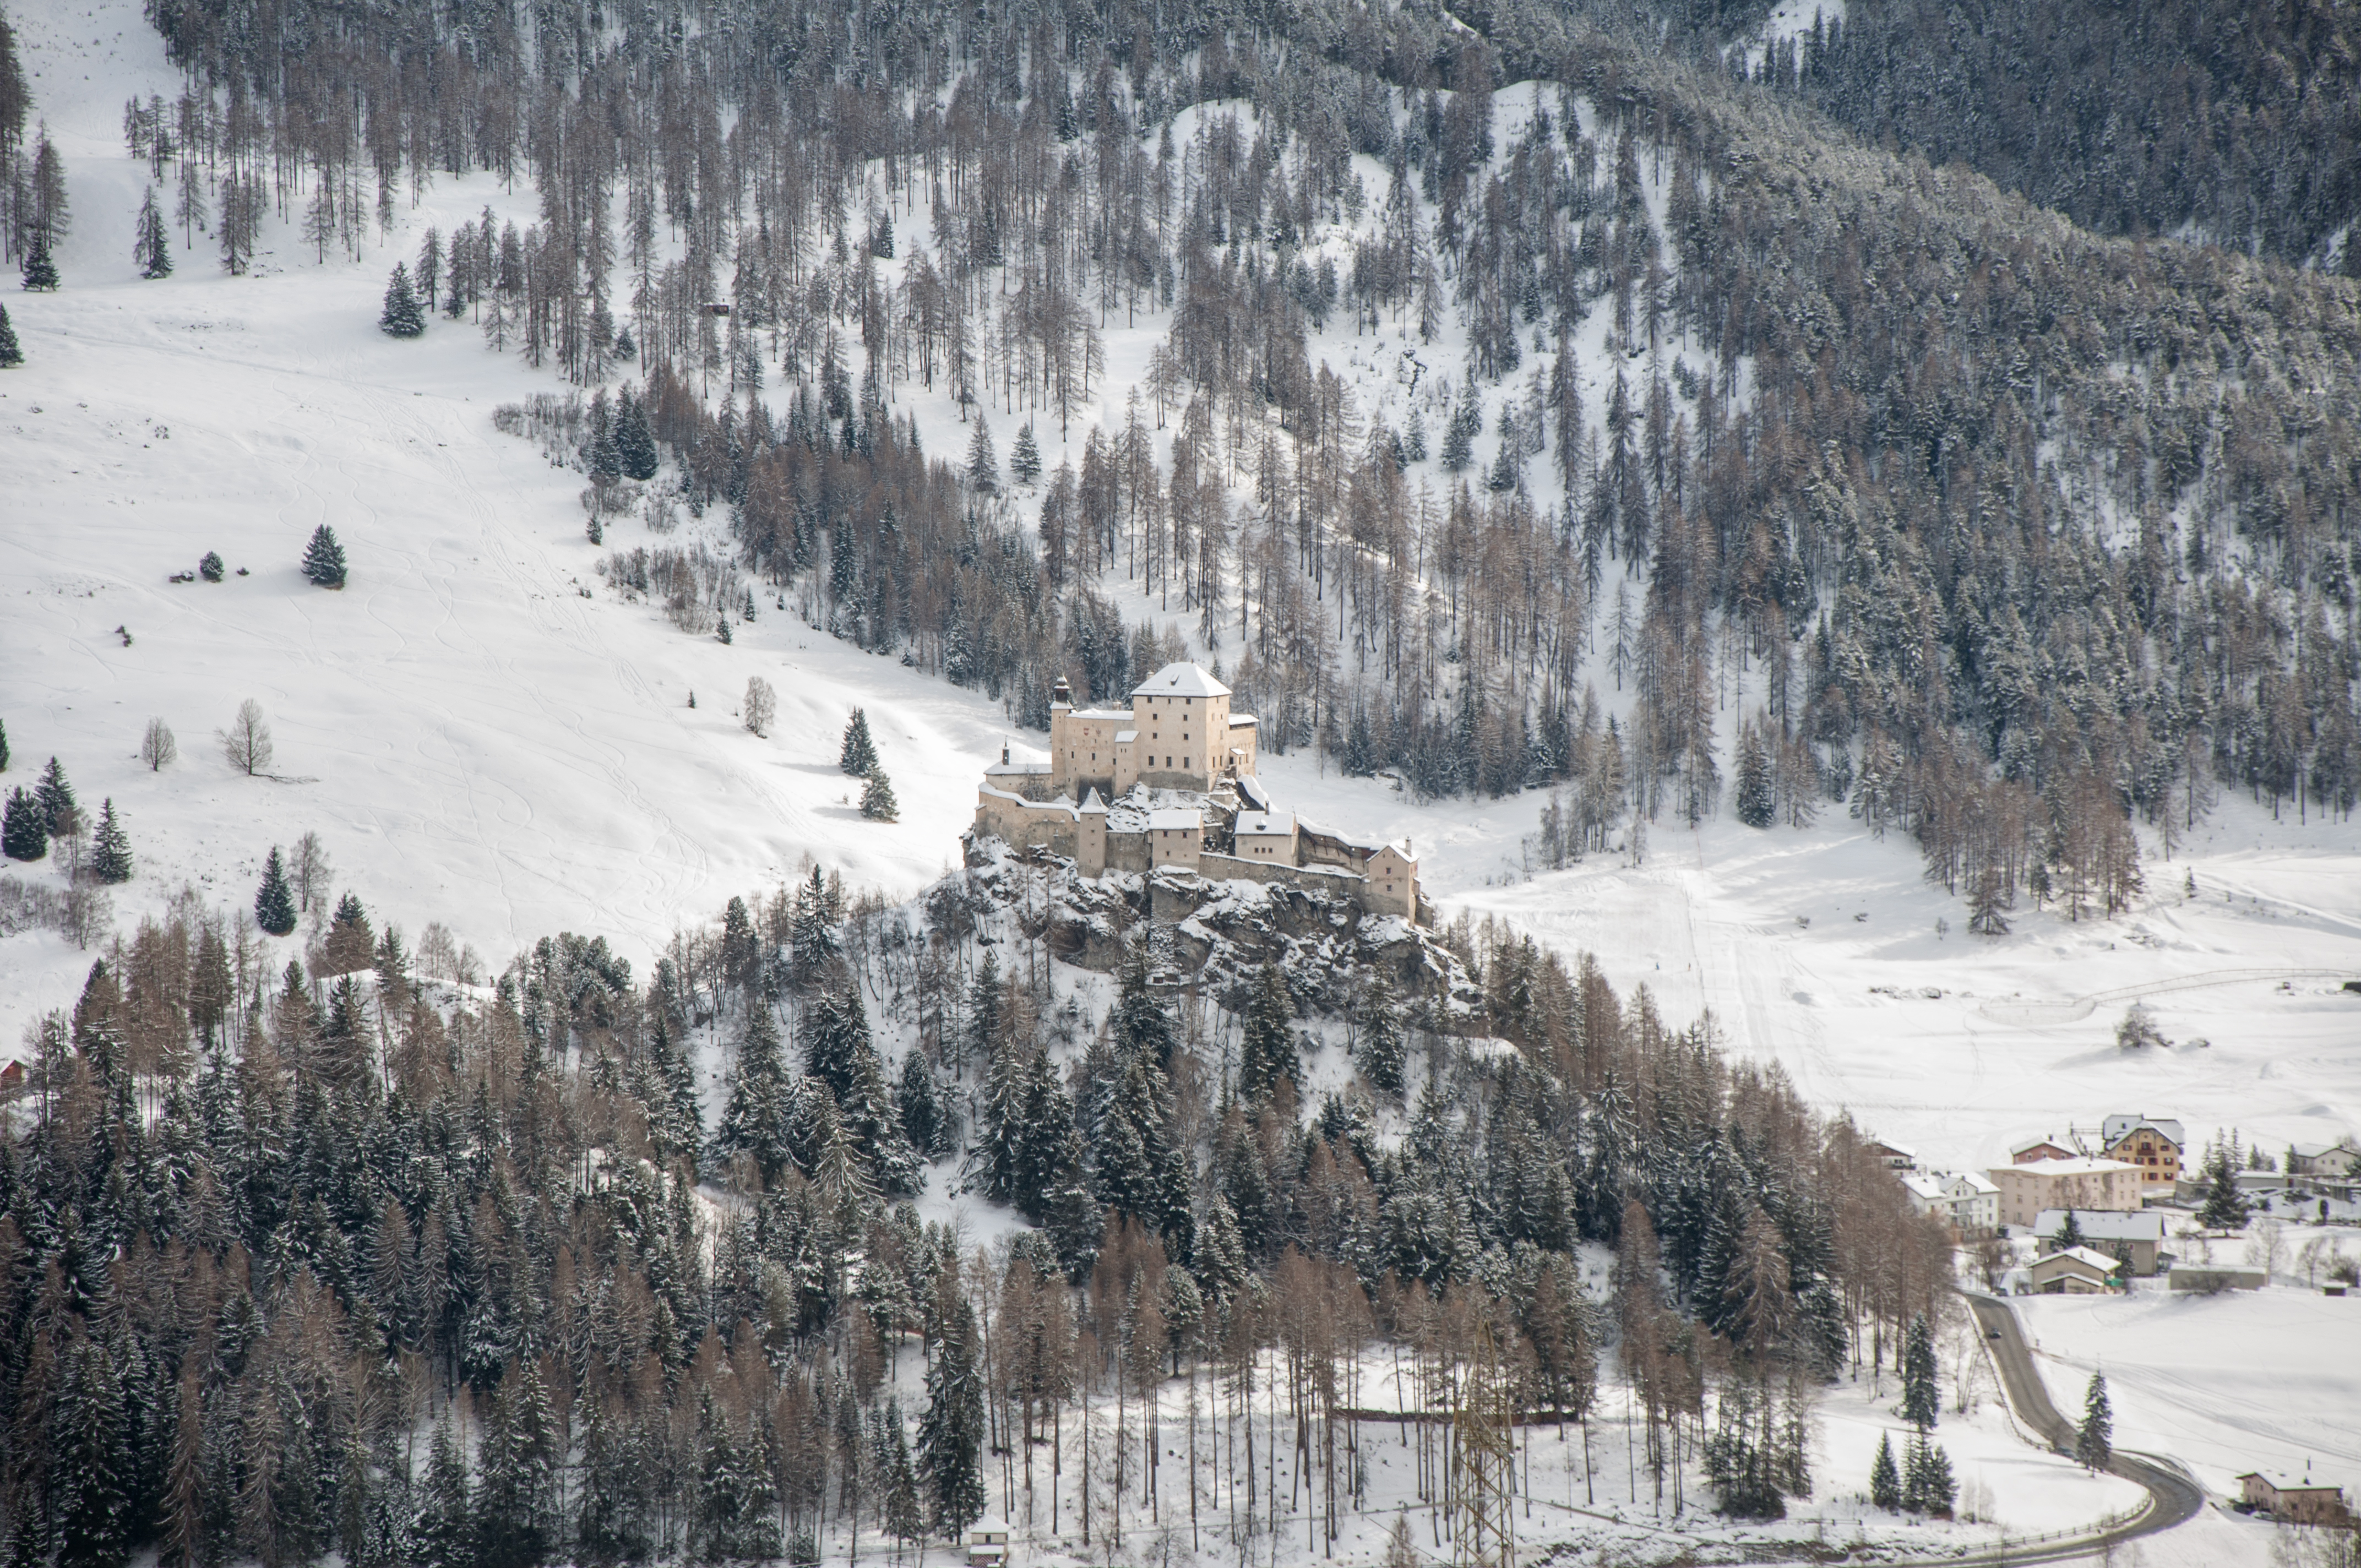 Vulpera Switzerland  City new picture : ... 02 25 14 01 50 1640.0 Switzerland Kanton Graubünden Vulpera Fetan